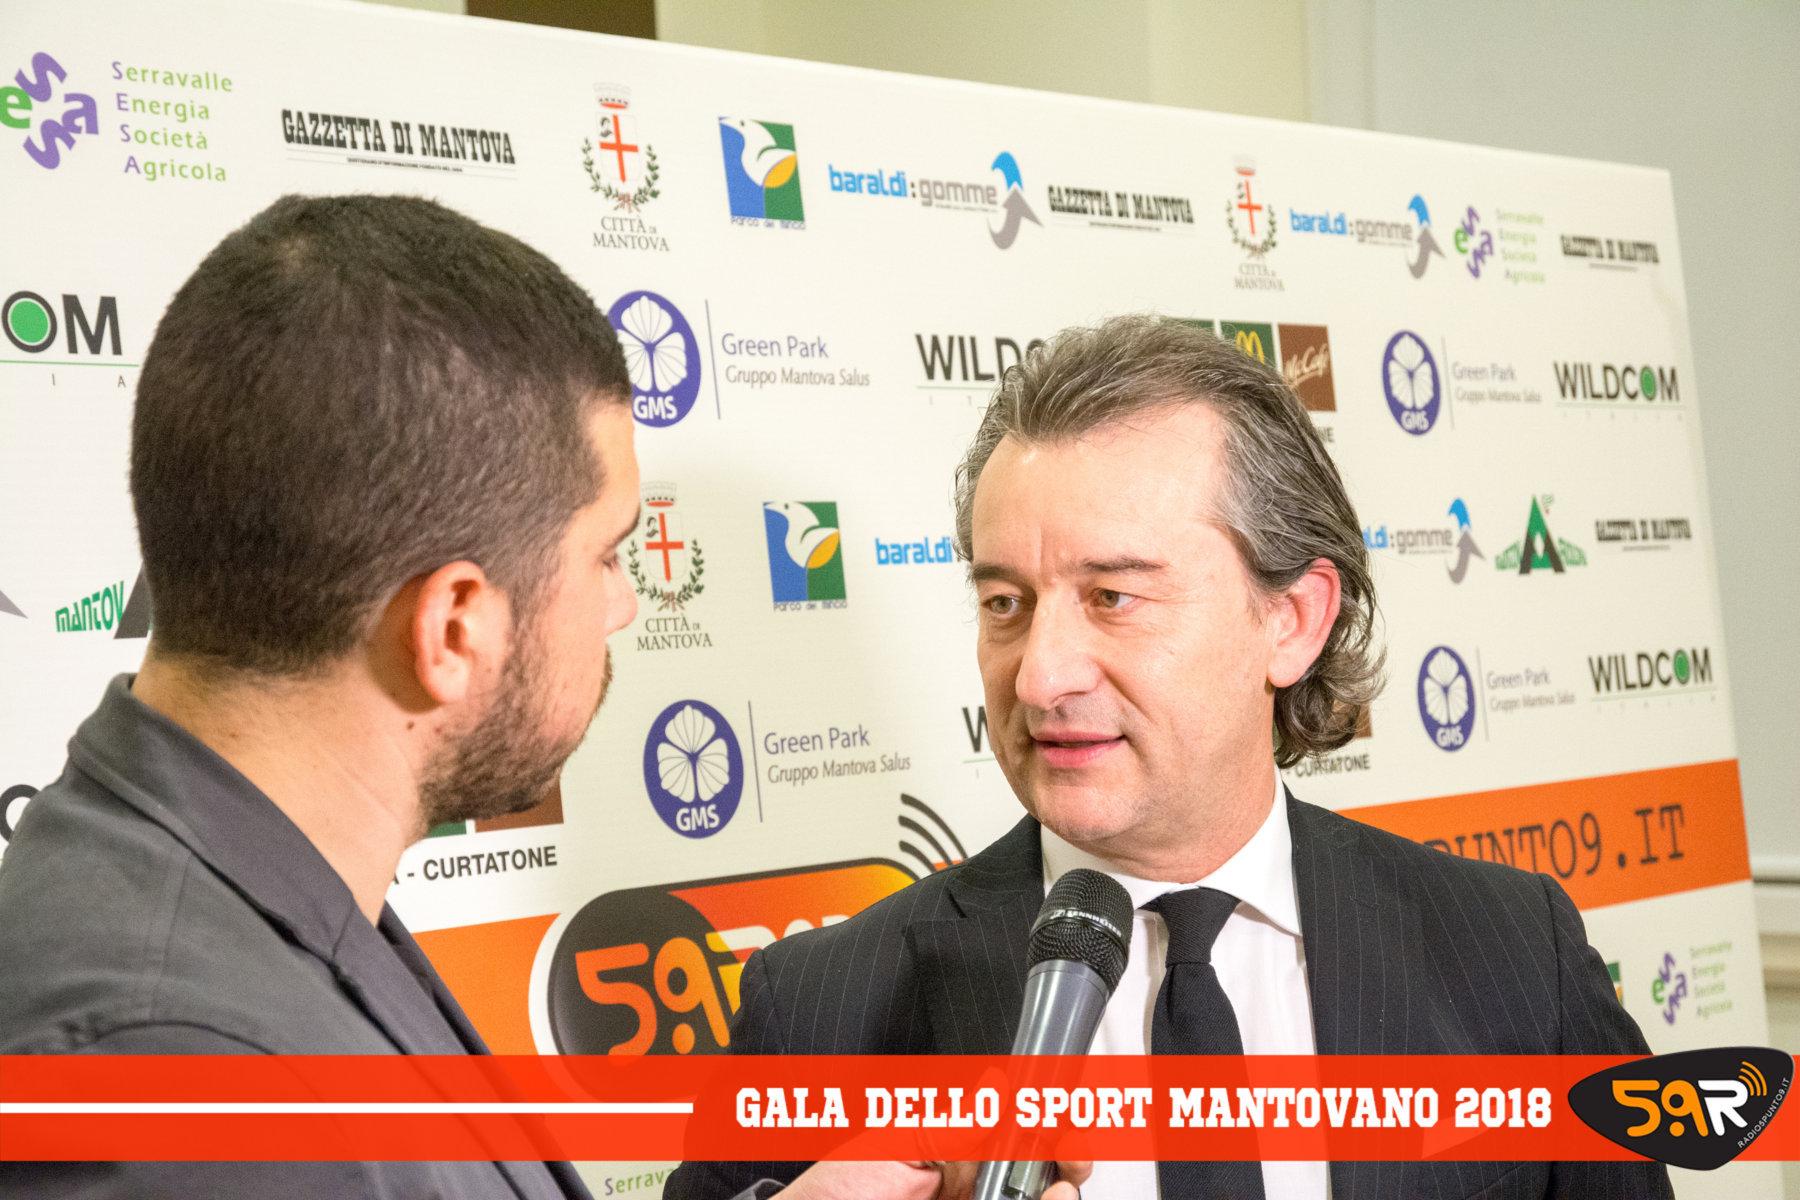 Gala dello Sport Mantovano 2018 Web Radio 5 (41)